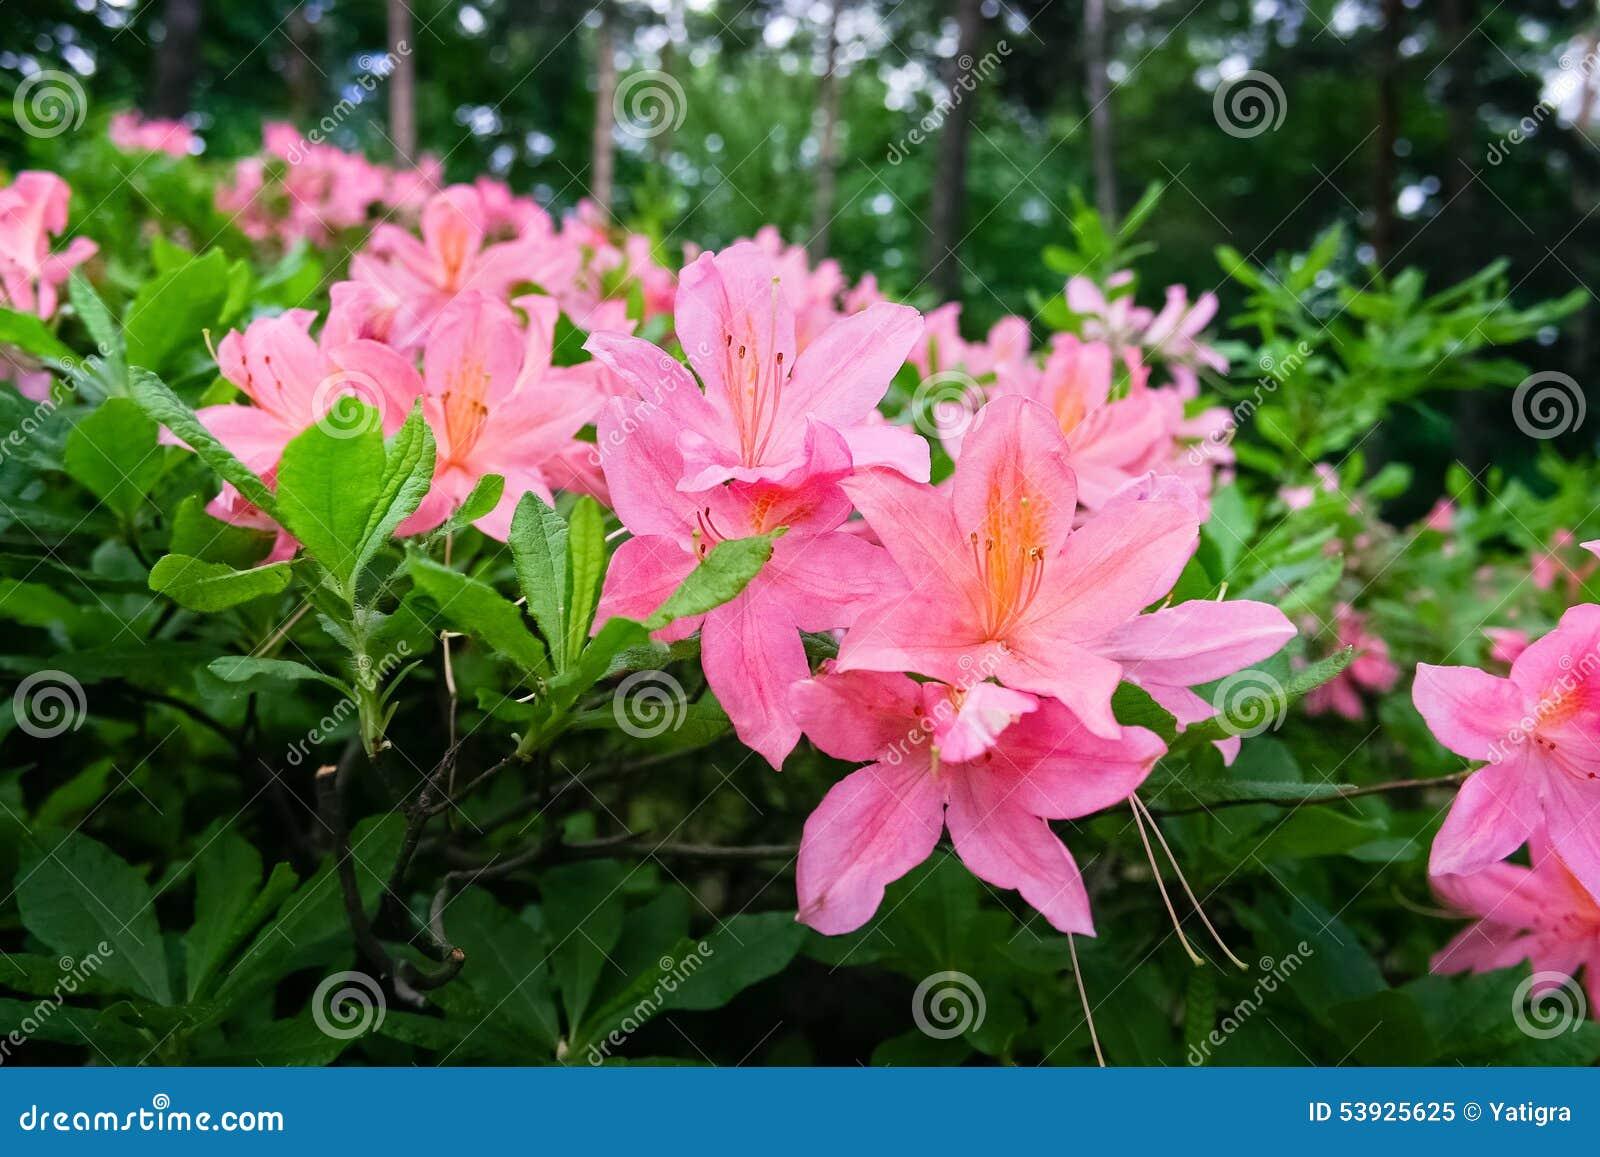 bl hende b sche mit rosa blumen stockfoto bild 53925625. Black Bedroom Furniture Sets. Home Design Ideas